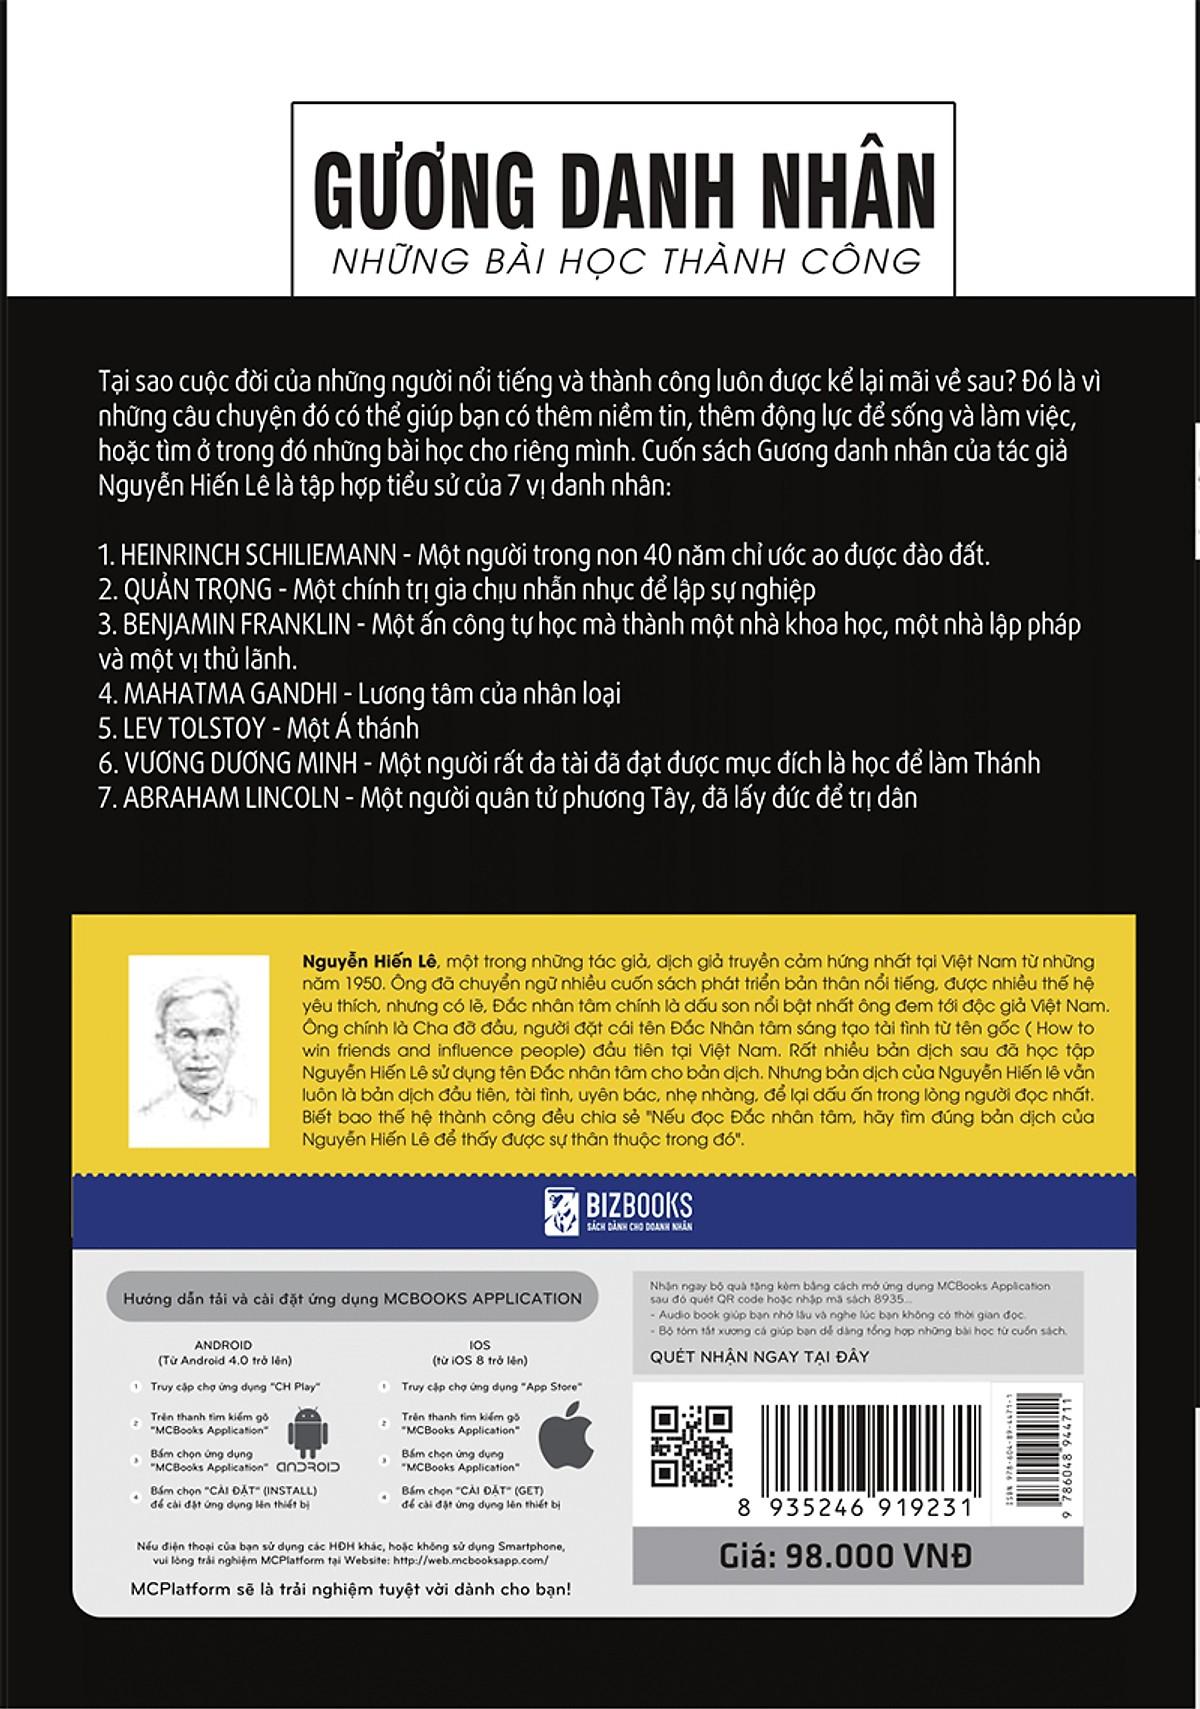 Gương Danh Nhân - Những Bài Học Thành Công (Nguyễn Hiến Lê - Bộ Sách Sống Sao Cho Đúng) tặng Bookmark tuyệt đẹp